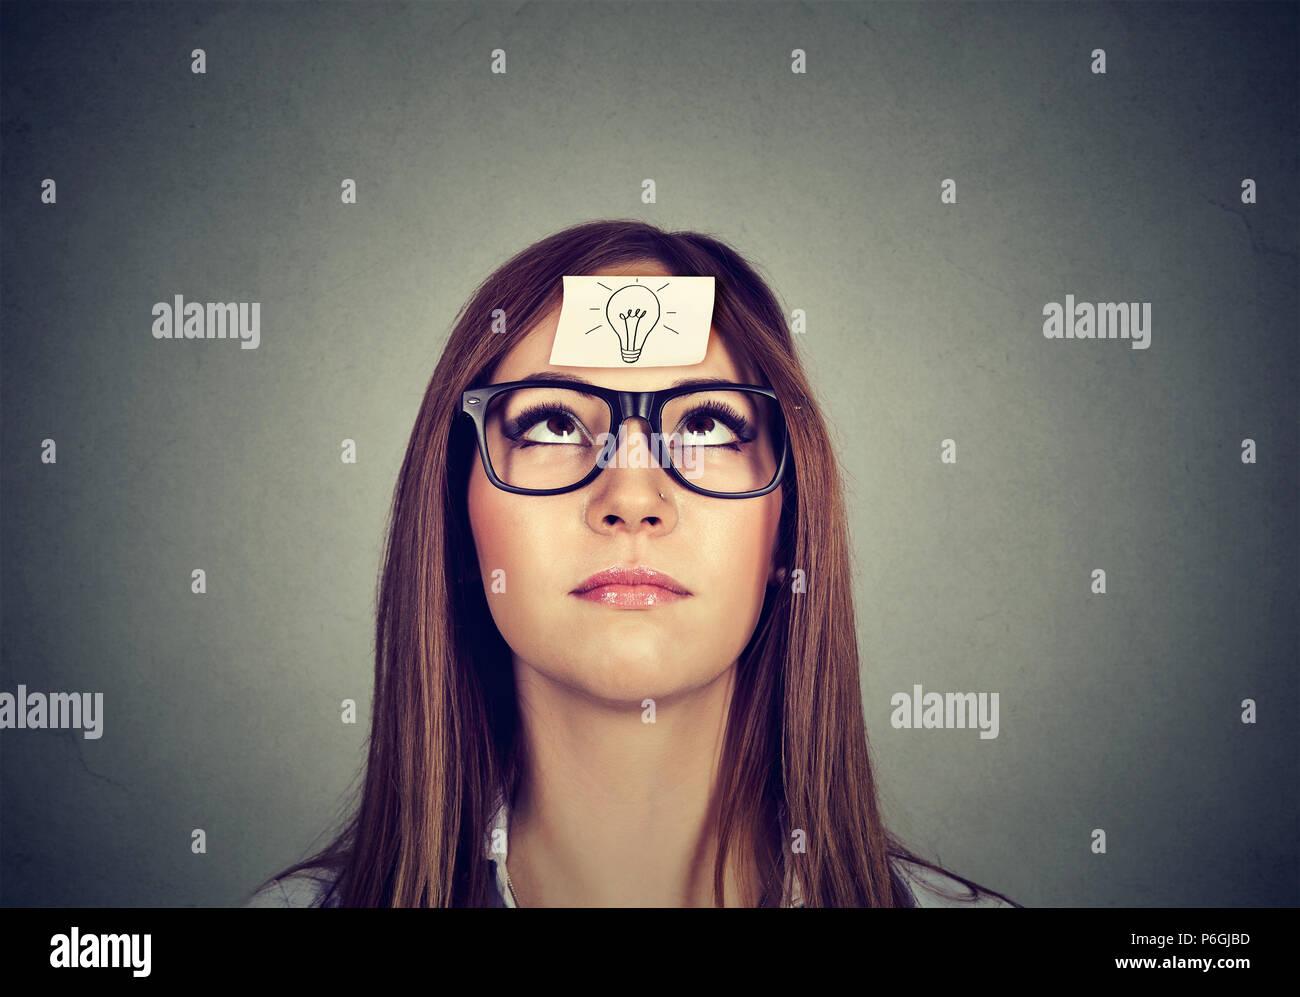 Junge Frau mit Aufkleber auf Gesicht mit Symbol der Glühbirne und die Suche nach Denken über Lösung Stockbild